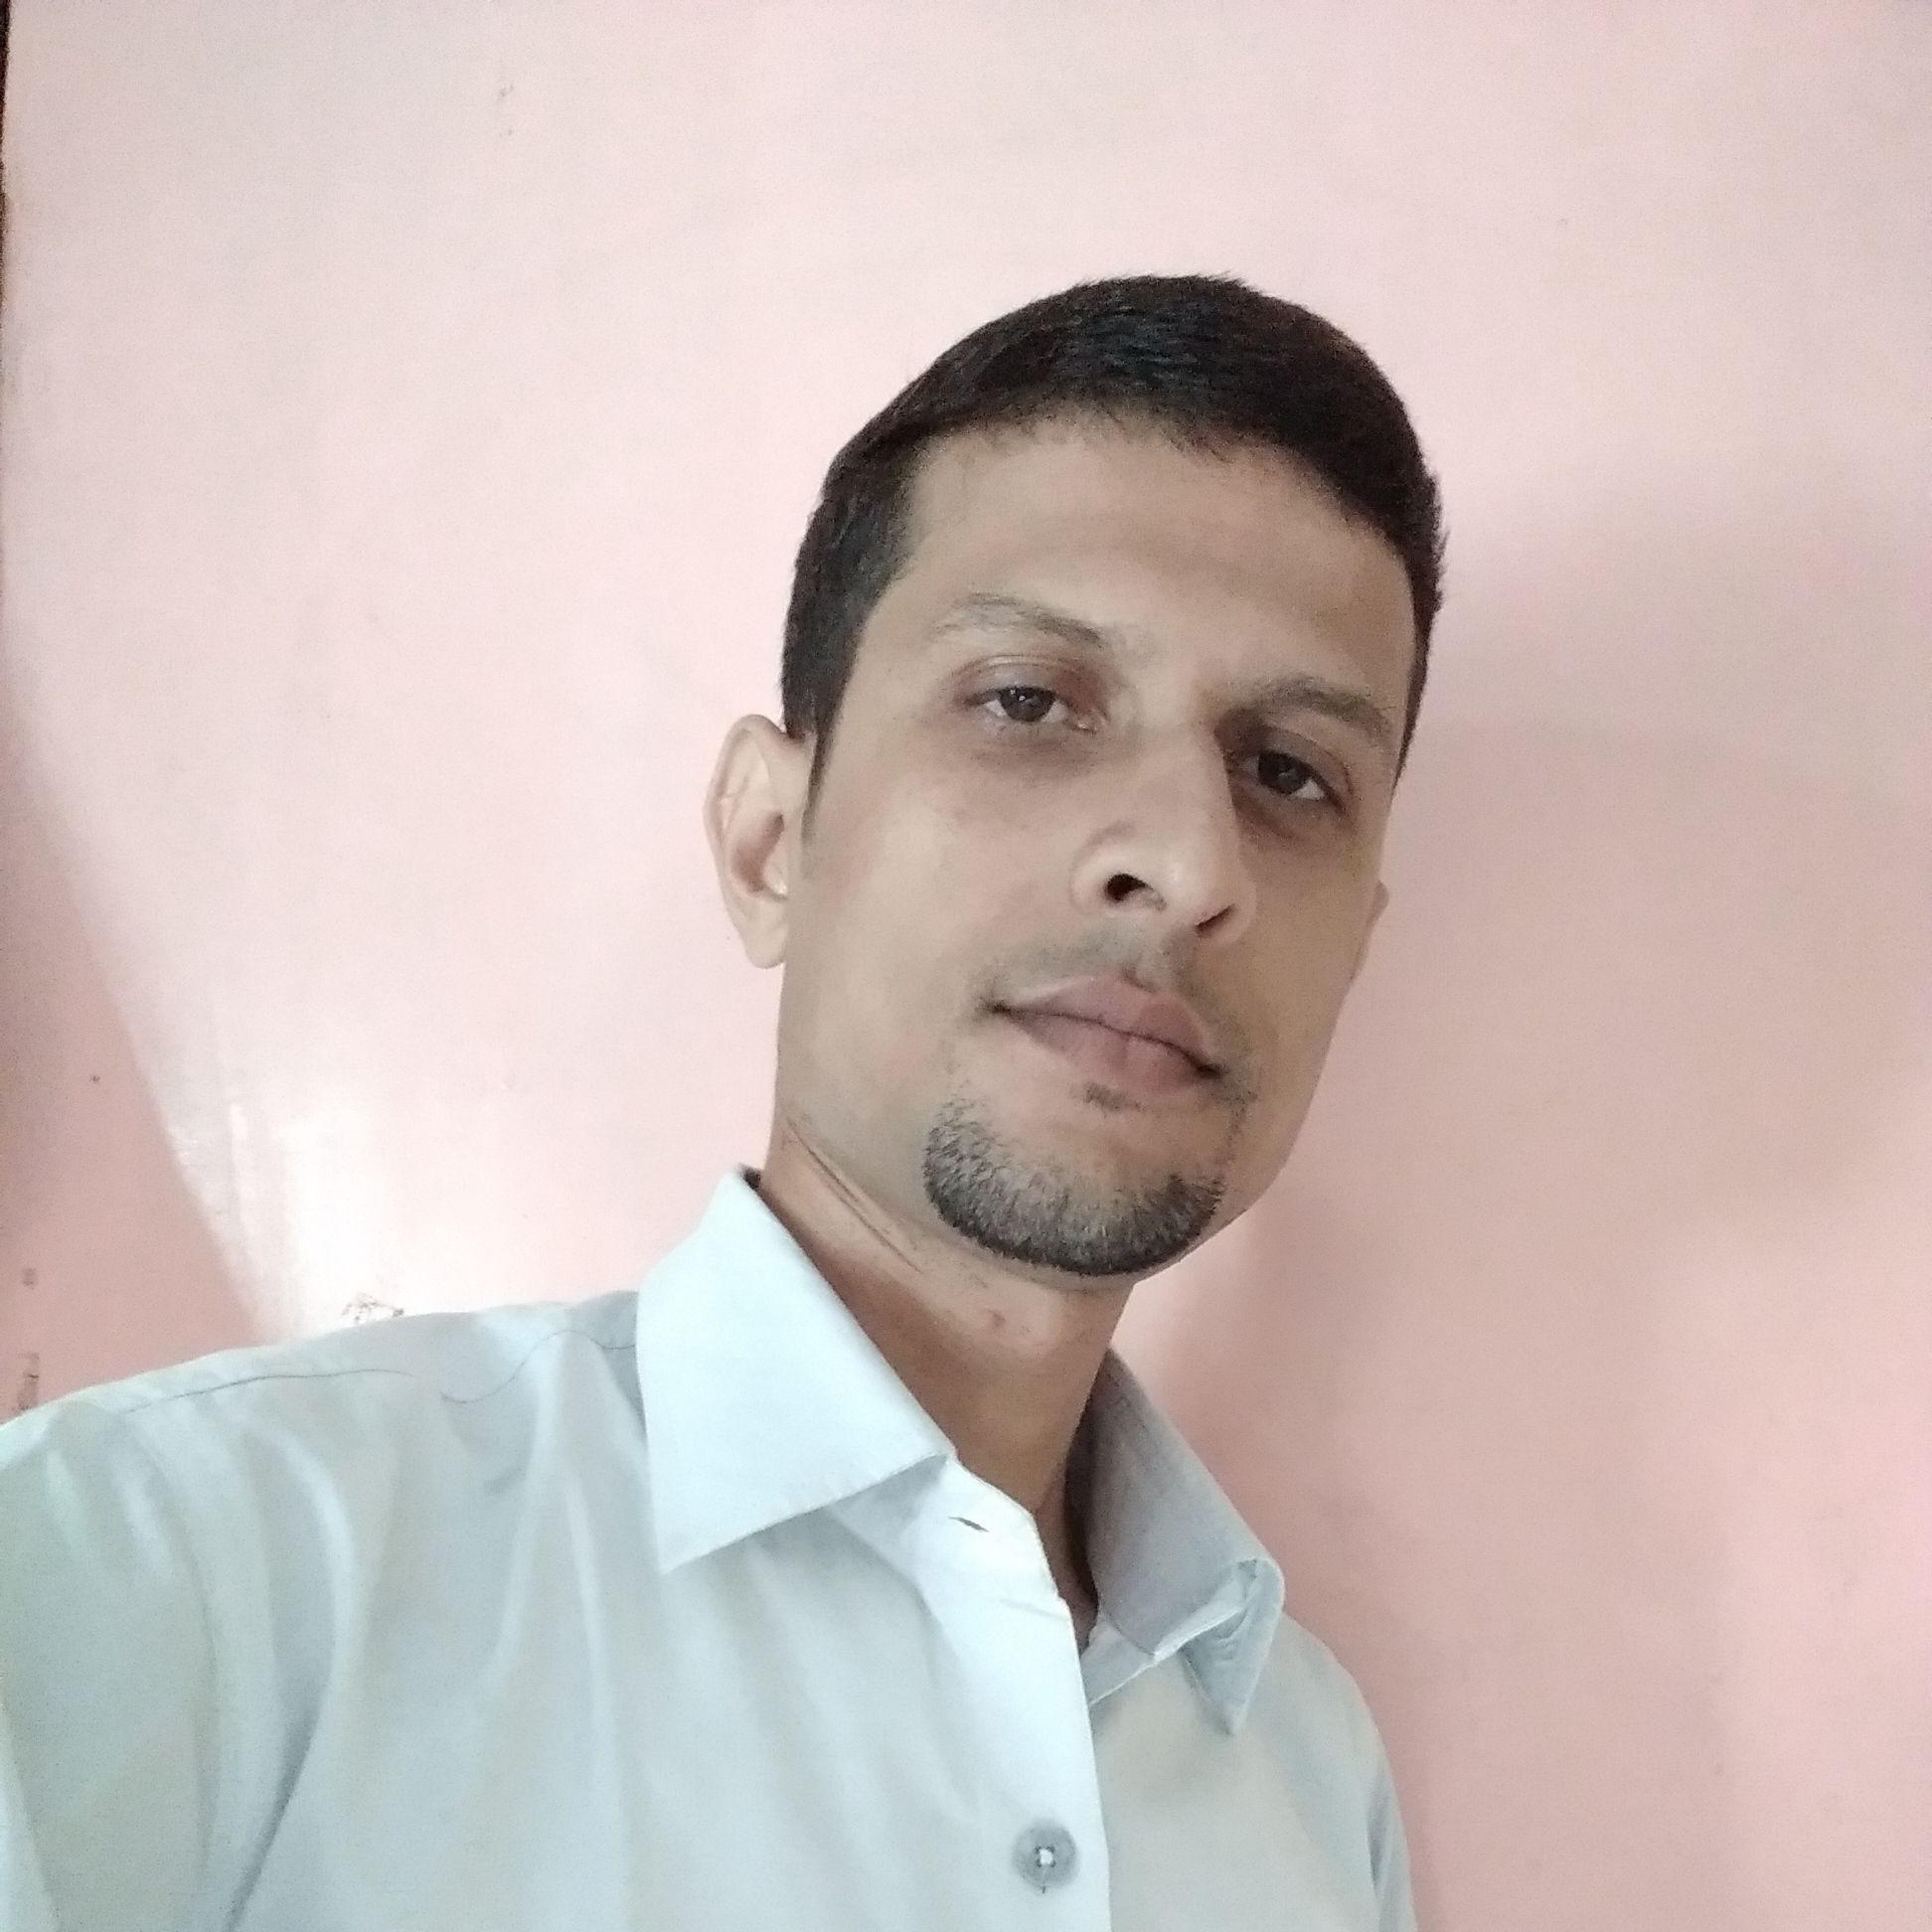 Hemant jha